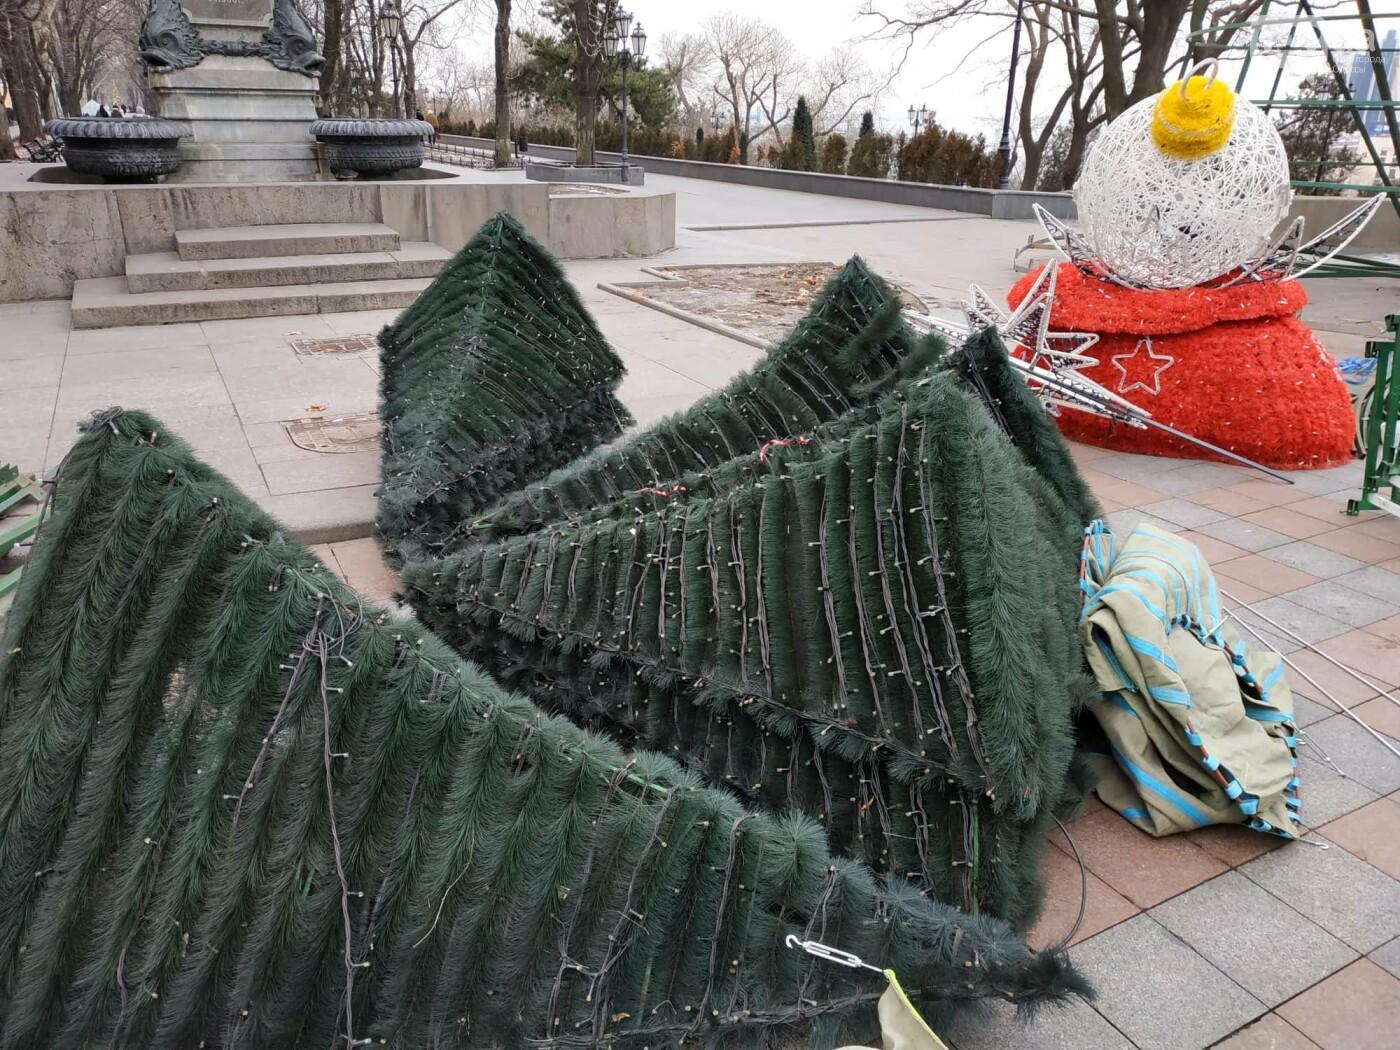 Праздники закончились: главную елку Одессы разбирают, - ФОТО, фото-1